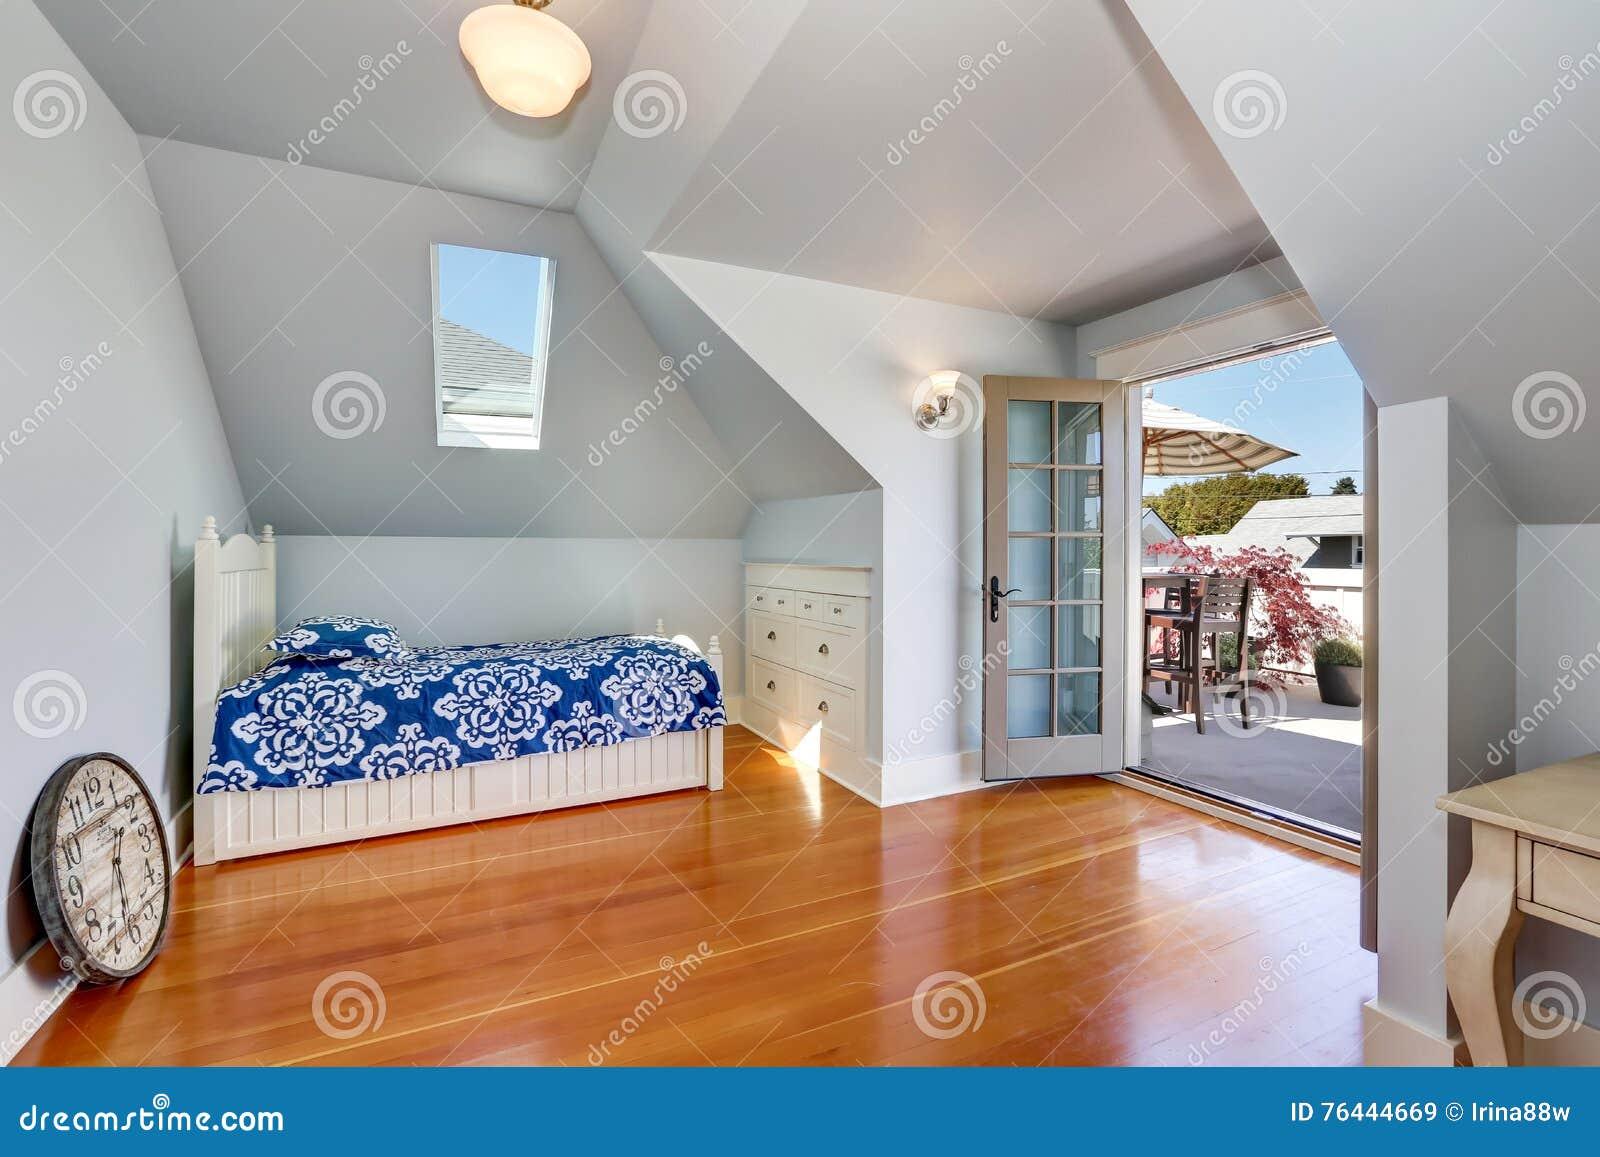 De gewelfde slaapkamer van plafondjonge geitjes in de zolder met uitgang aan het dakterras